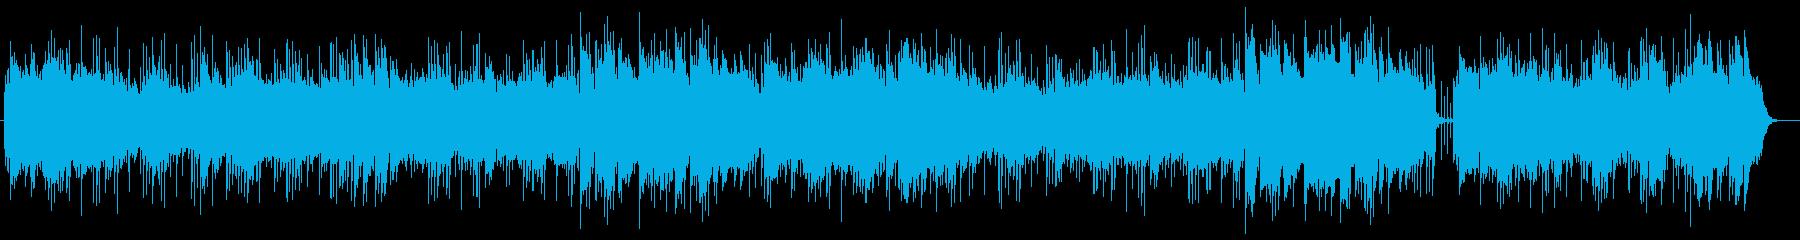 安らぎのリラクゼーションミュージックの再生済みの波形